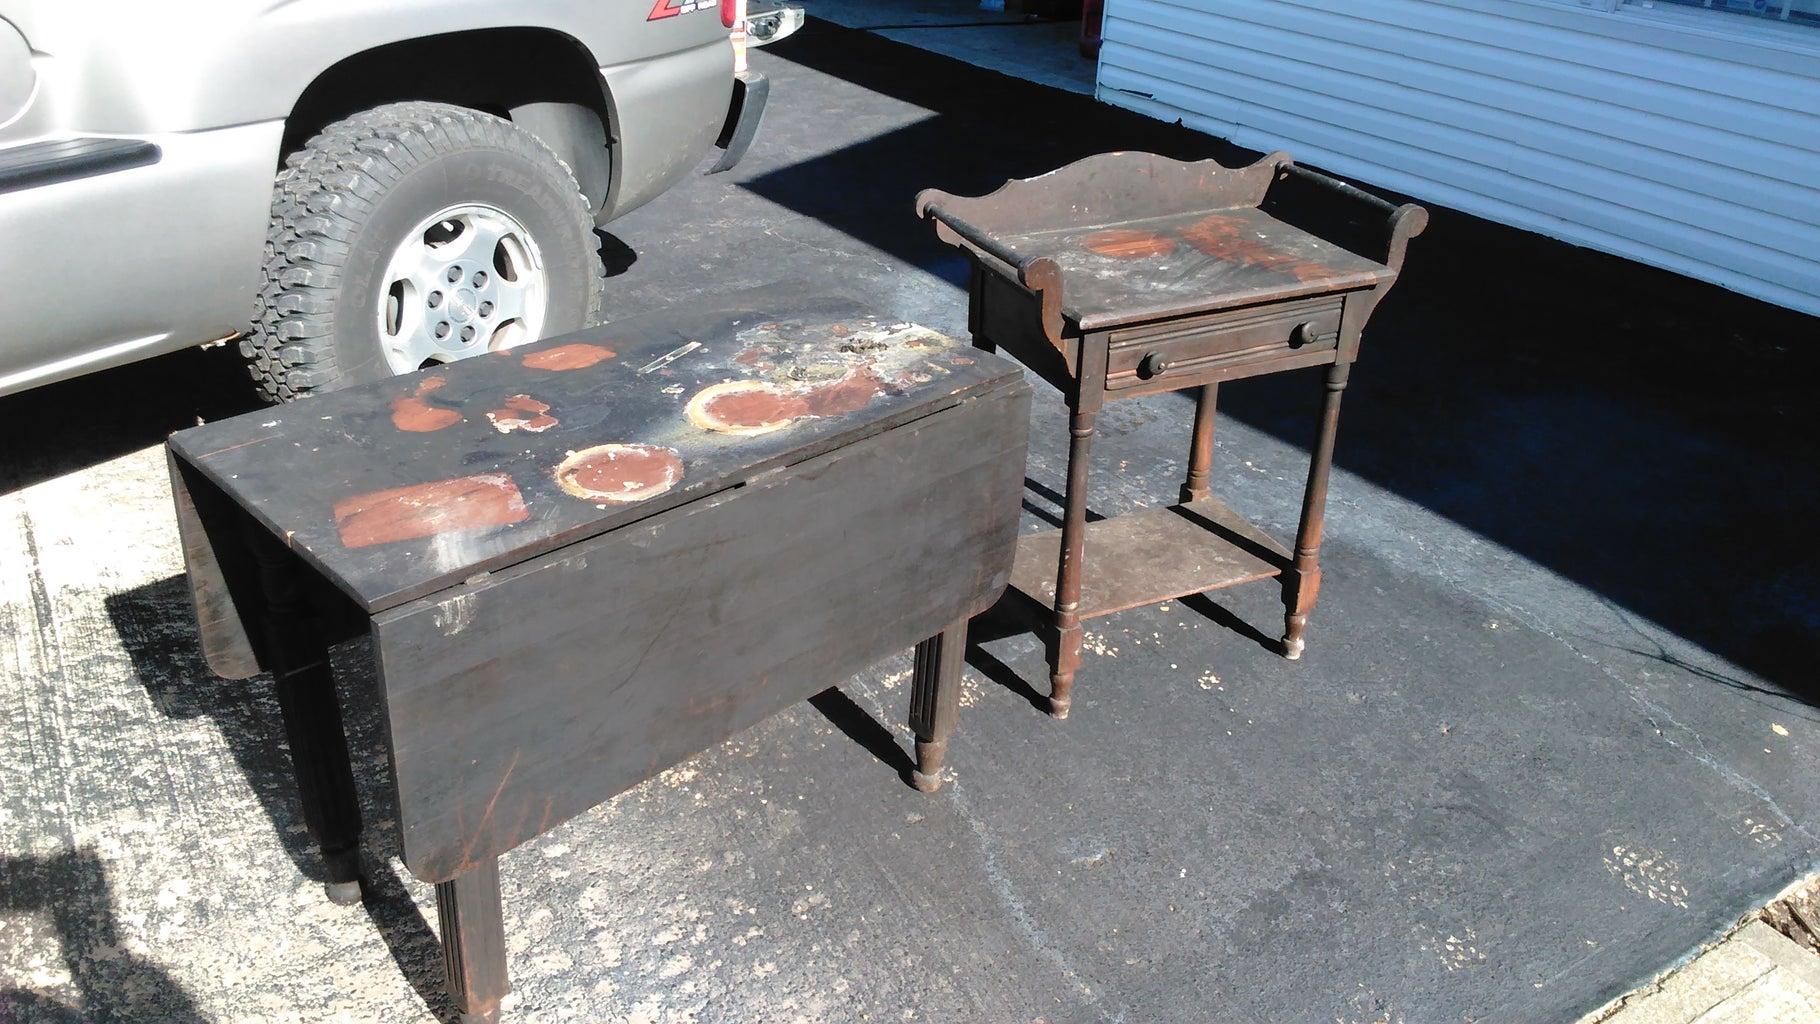 The Smoke Damaged Furniture